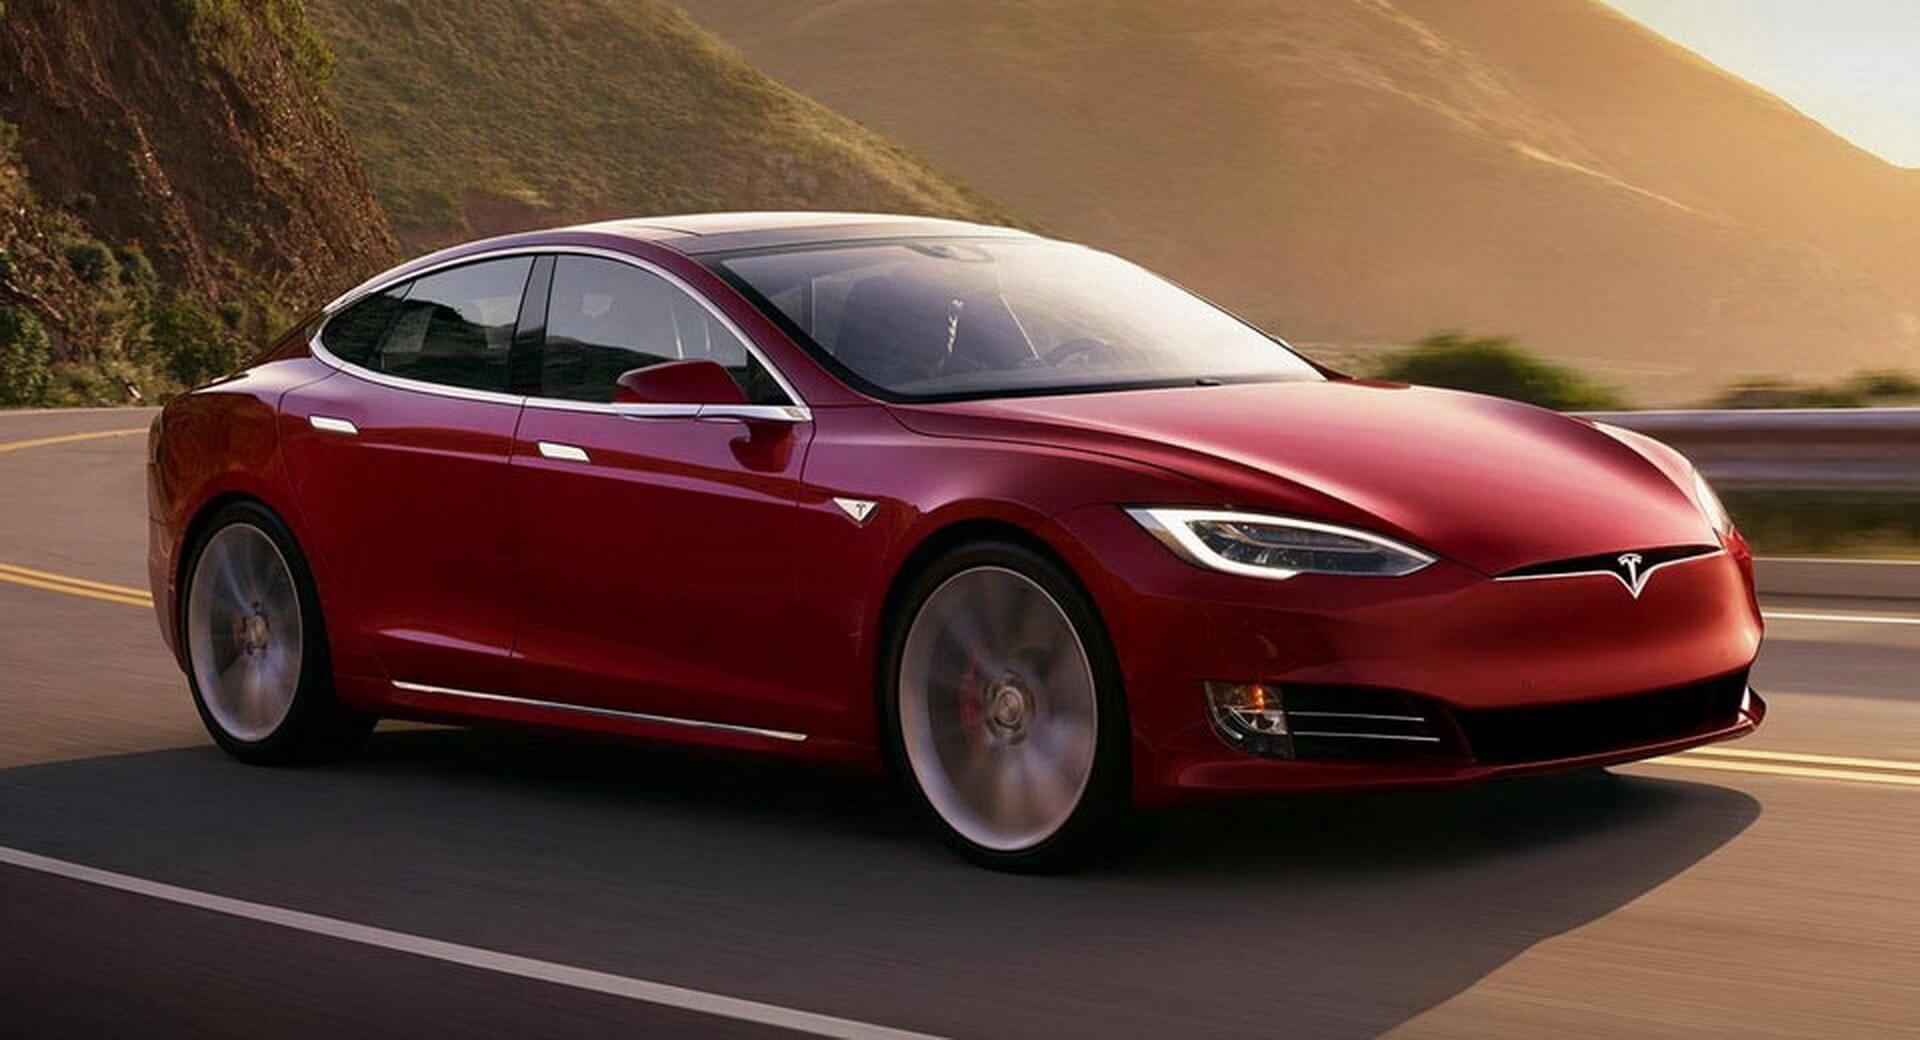 У нардепов обнаружили Tesla, Ferrari и Maserati: кто из Рады ездит на суперкарах 1